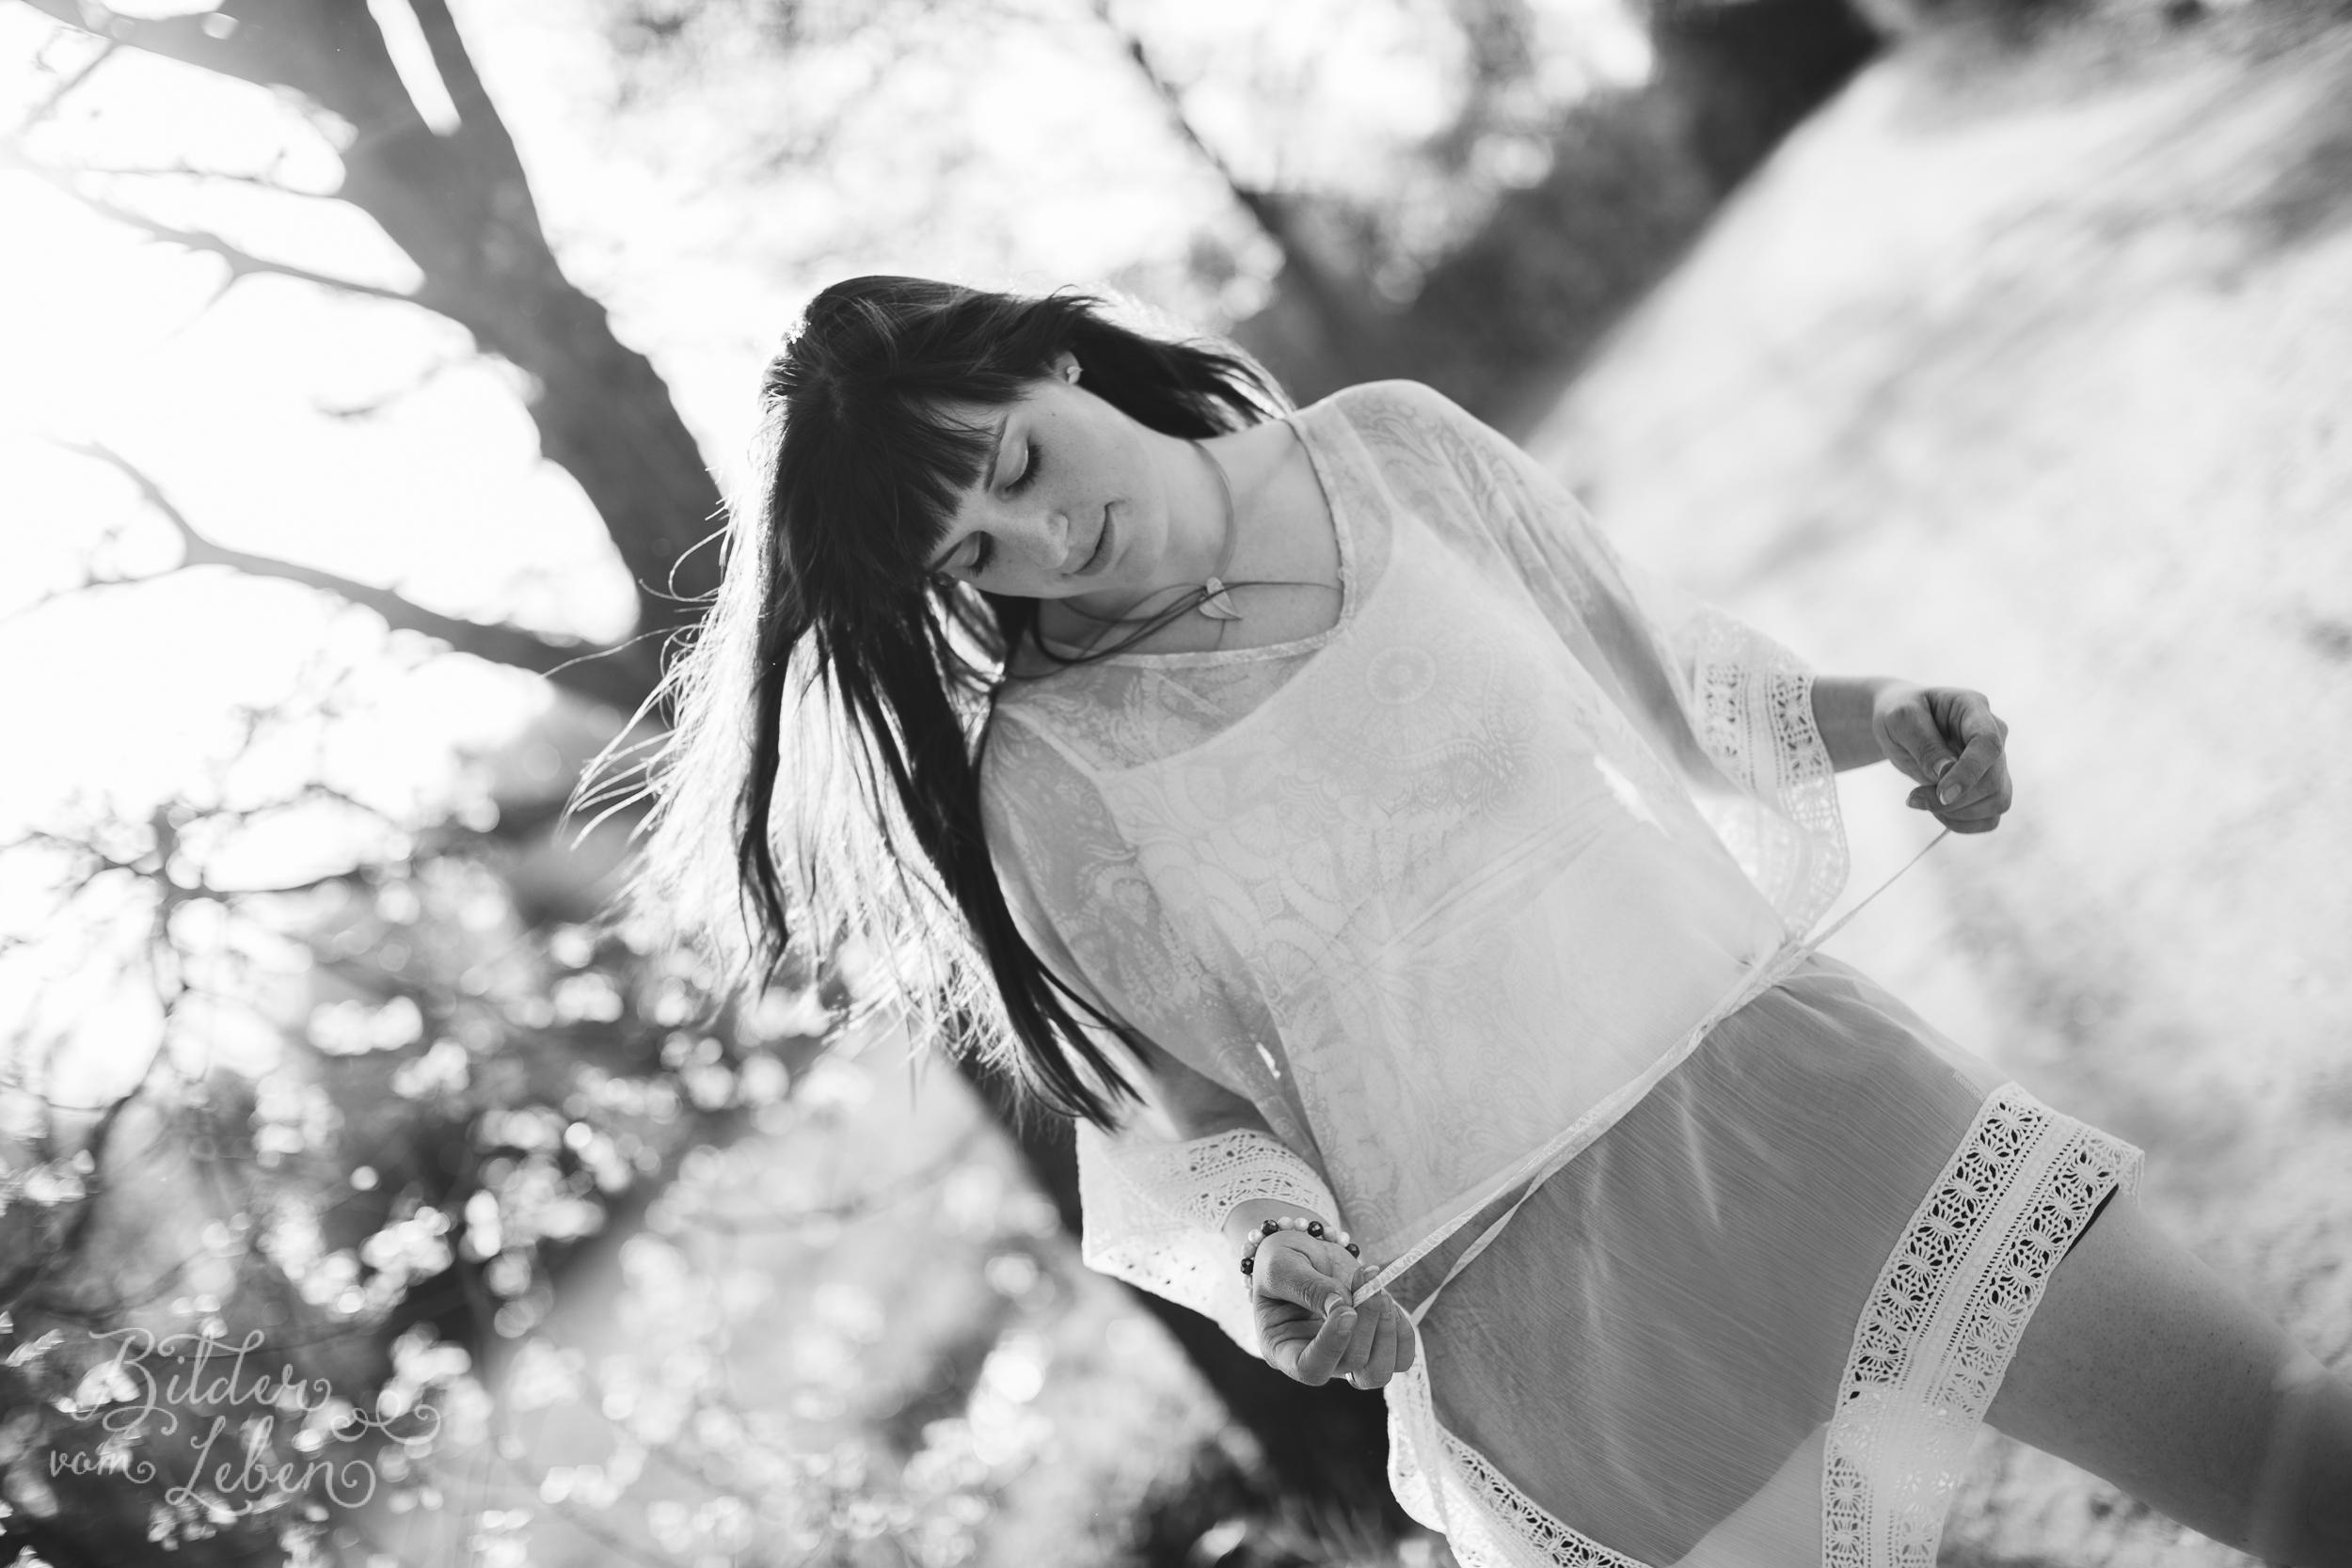 BildervomLeben-Fotografie-Christina-Heinig-Portraits-Gegenlicht-Susanne-2016-5633